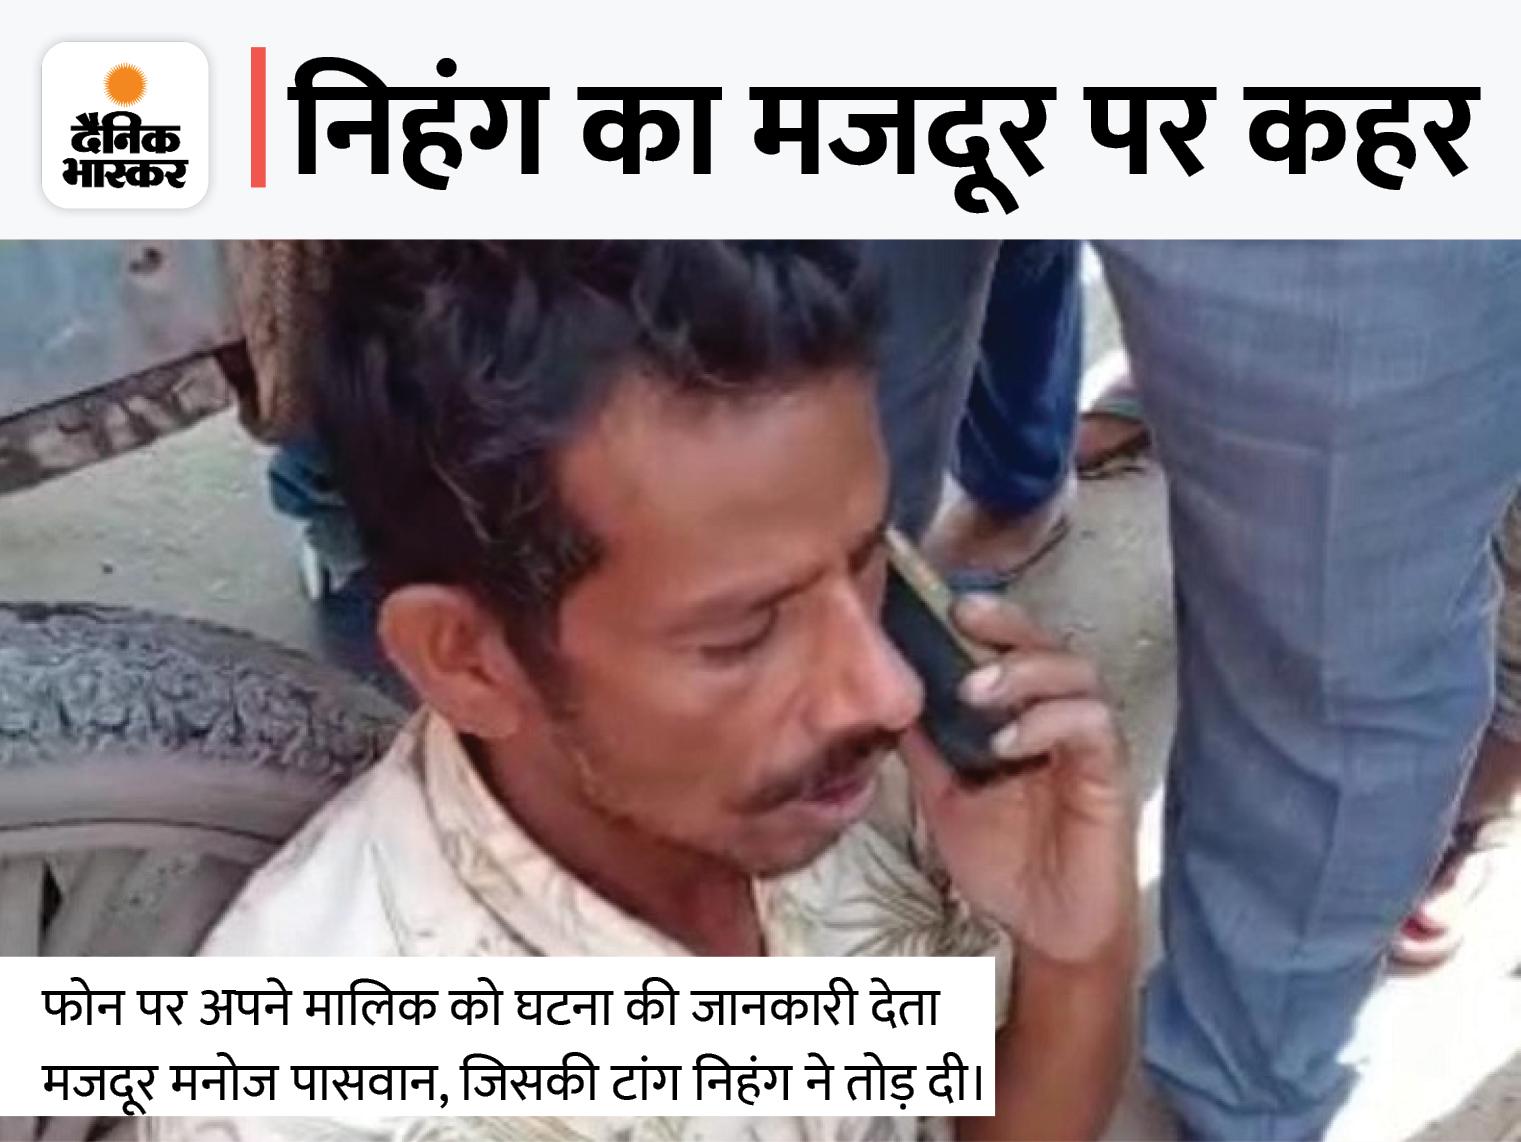 निहंग ने मजदूर से मुर्गा मांगा, नहीं देने पर टांग तोड़ दी; पुलिस ने हिरासत में लिया|देश,National - Dainik Bhaskar